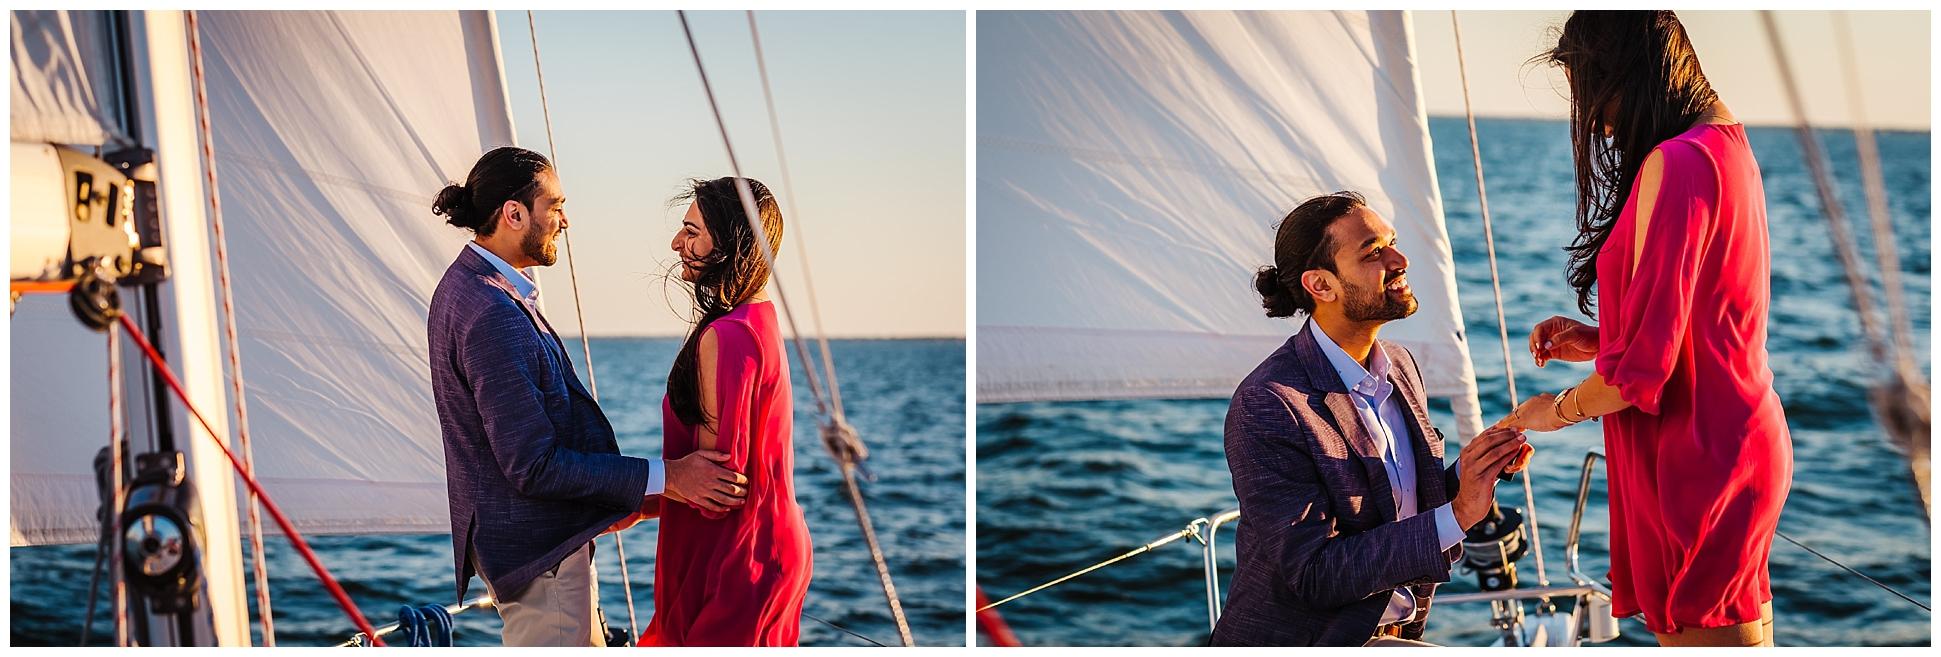 tampa bay-sailboat-sunset-proposal-engagememnt_0006.jpg